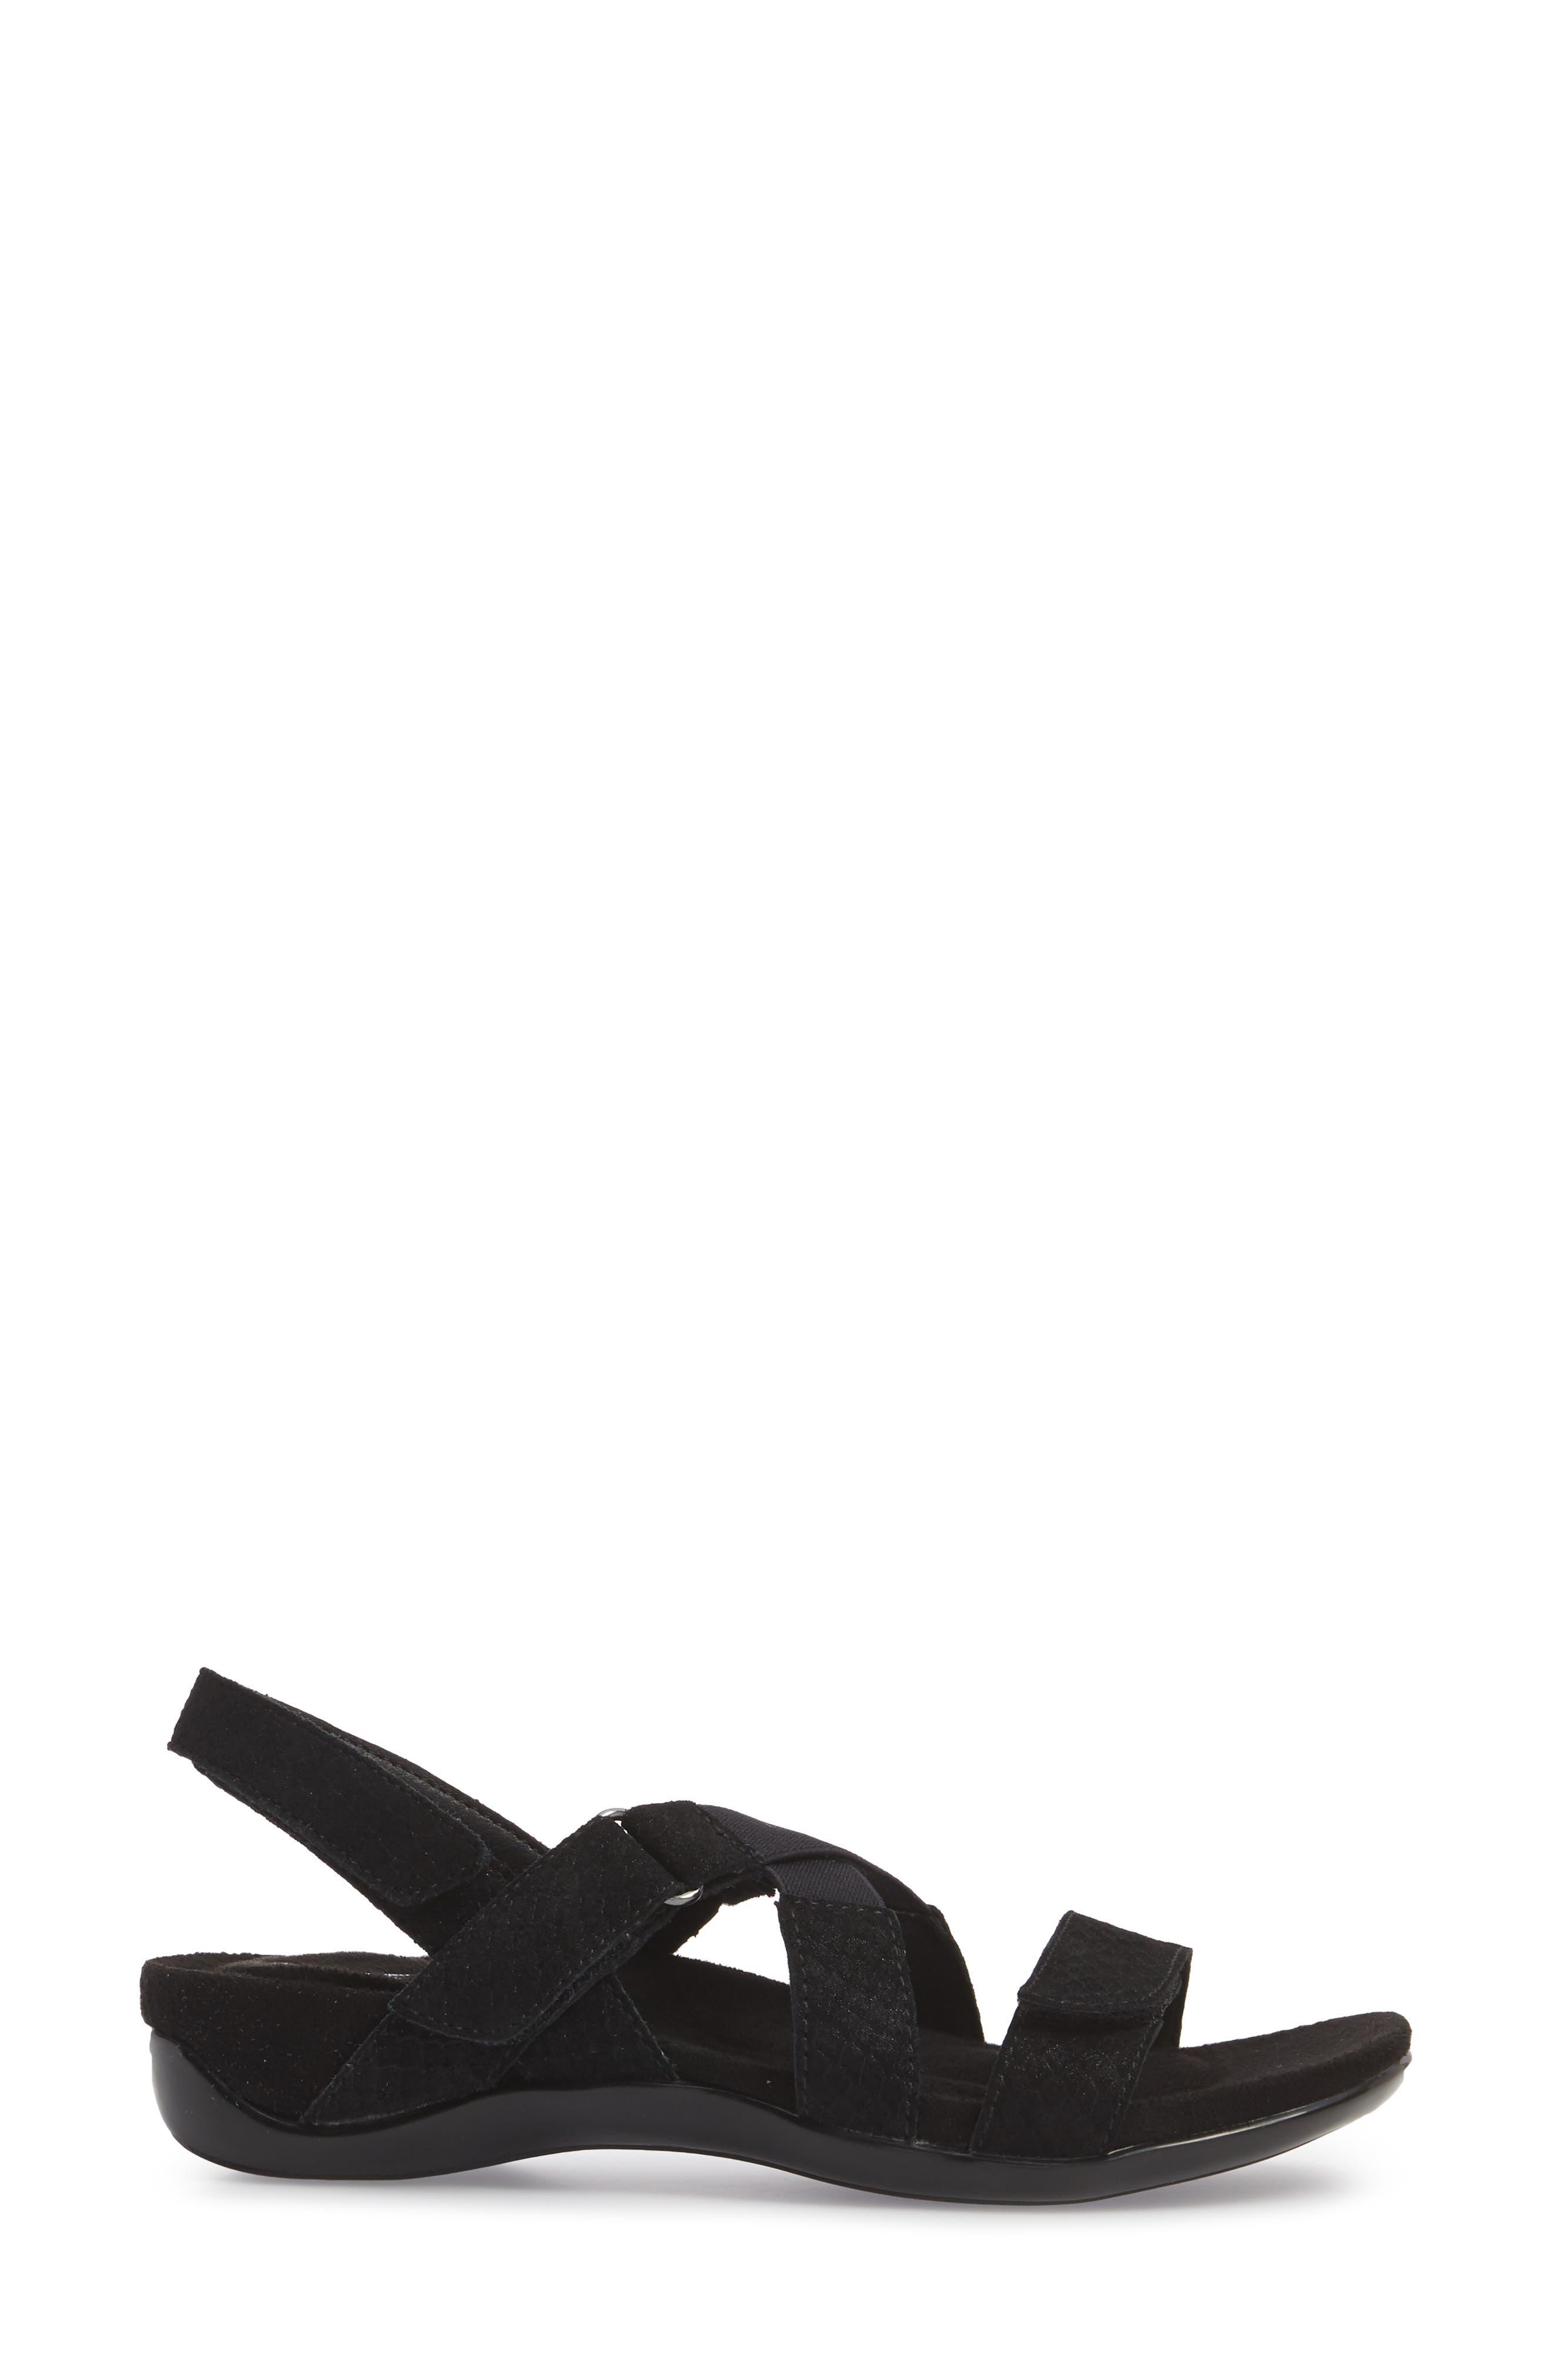 Vicki Slingback Sandal,                             Alternate thumbnail 3, color,                             Black Printed Leather